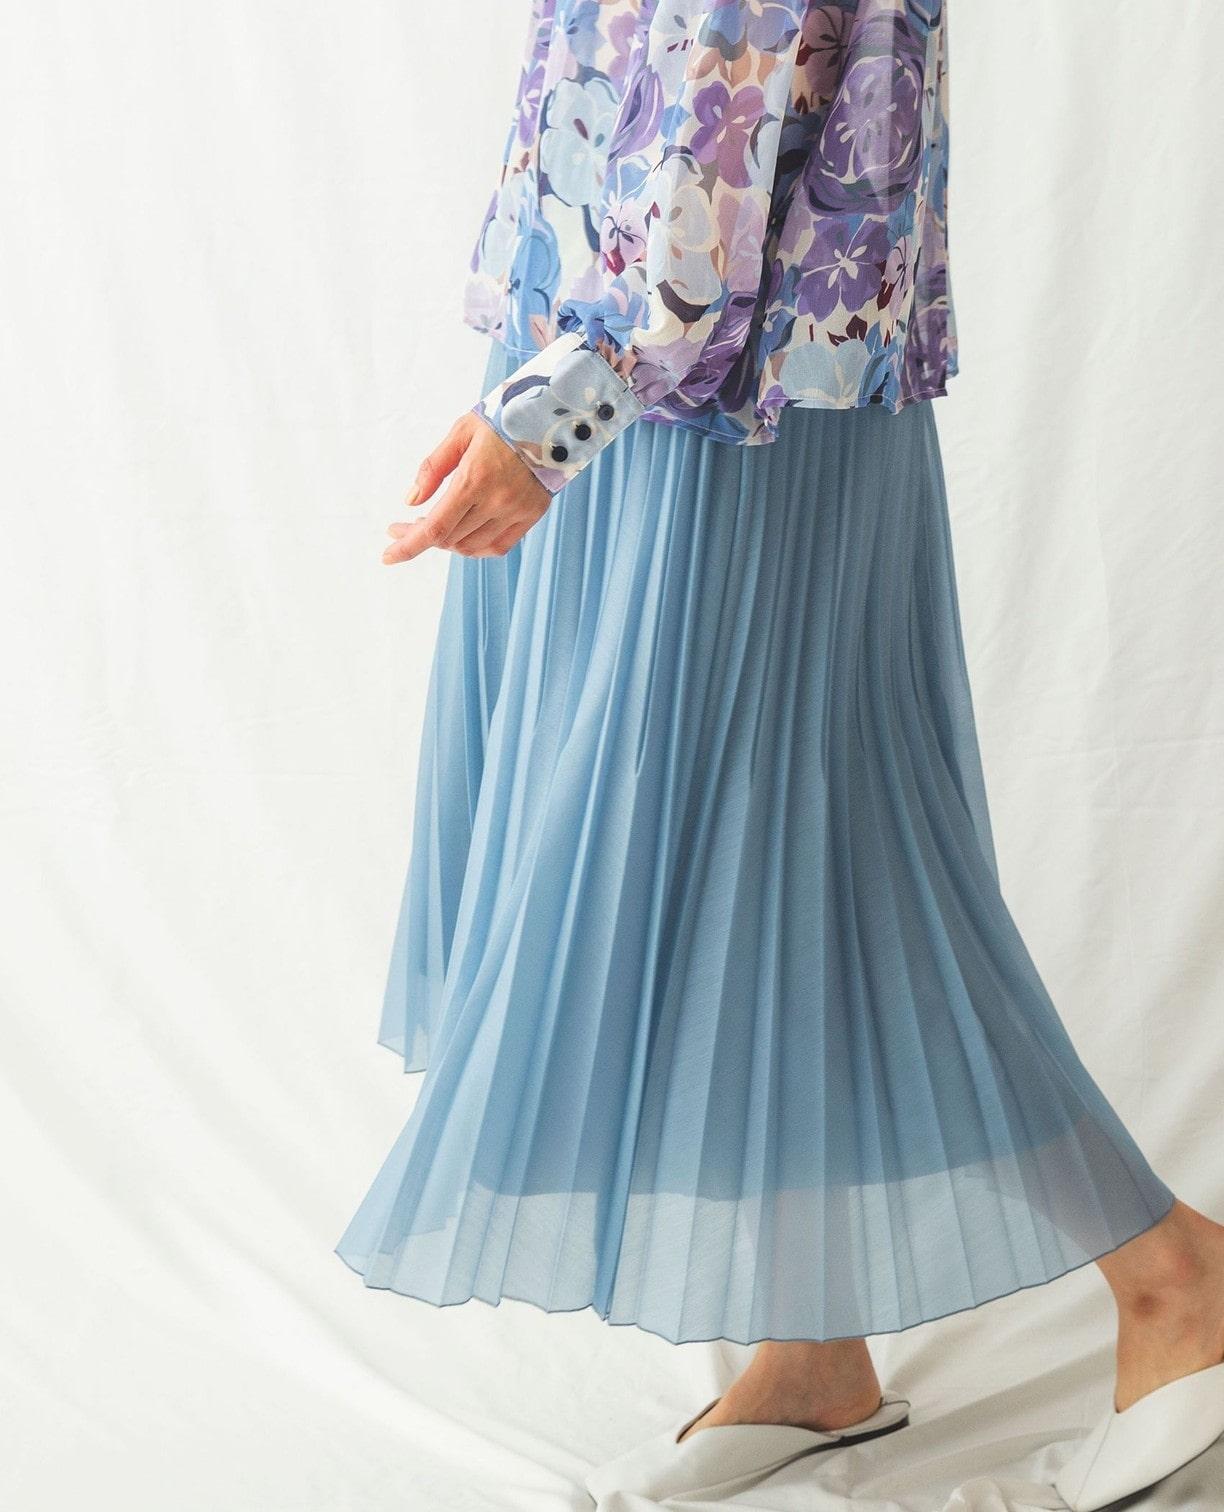 変形プリーツスカート